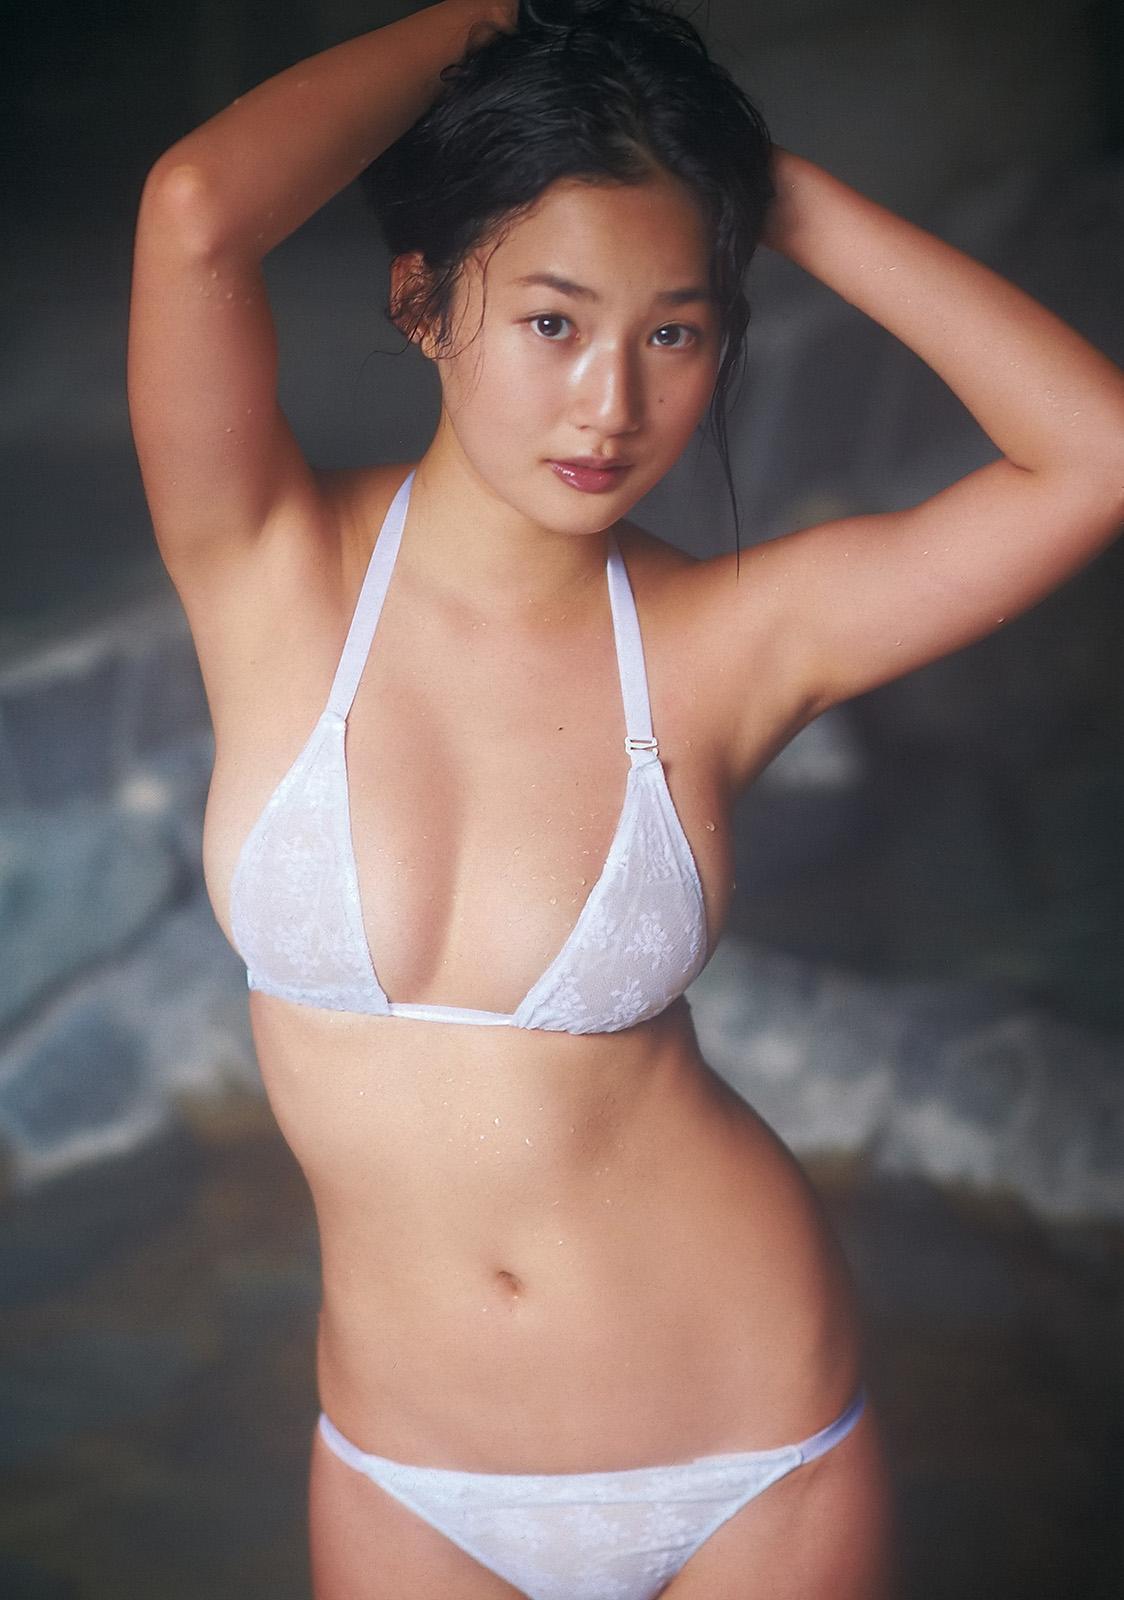 高嶋香帆さんの水着